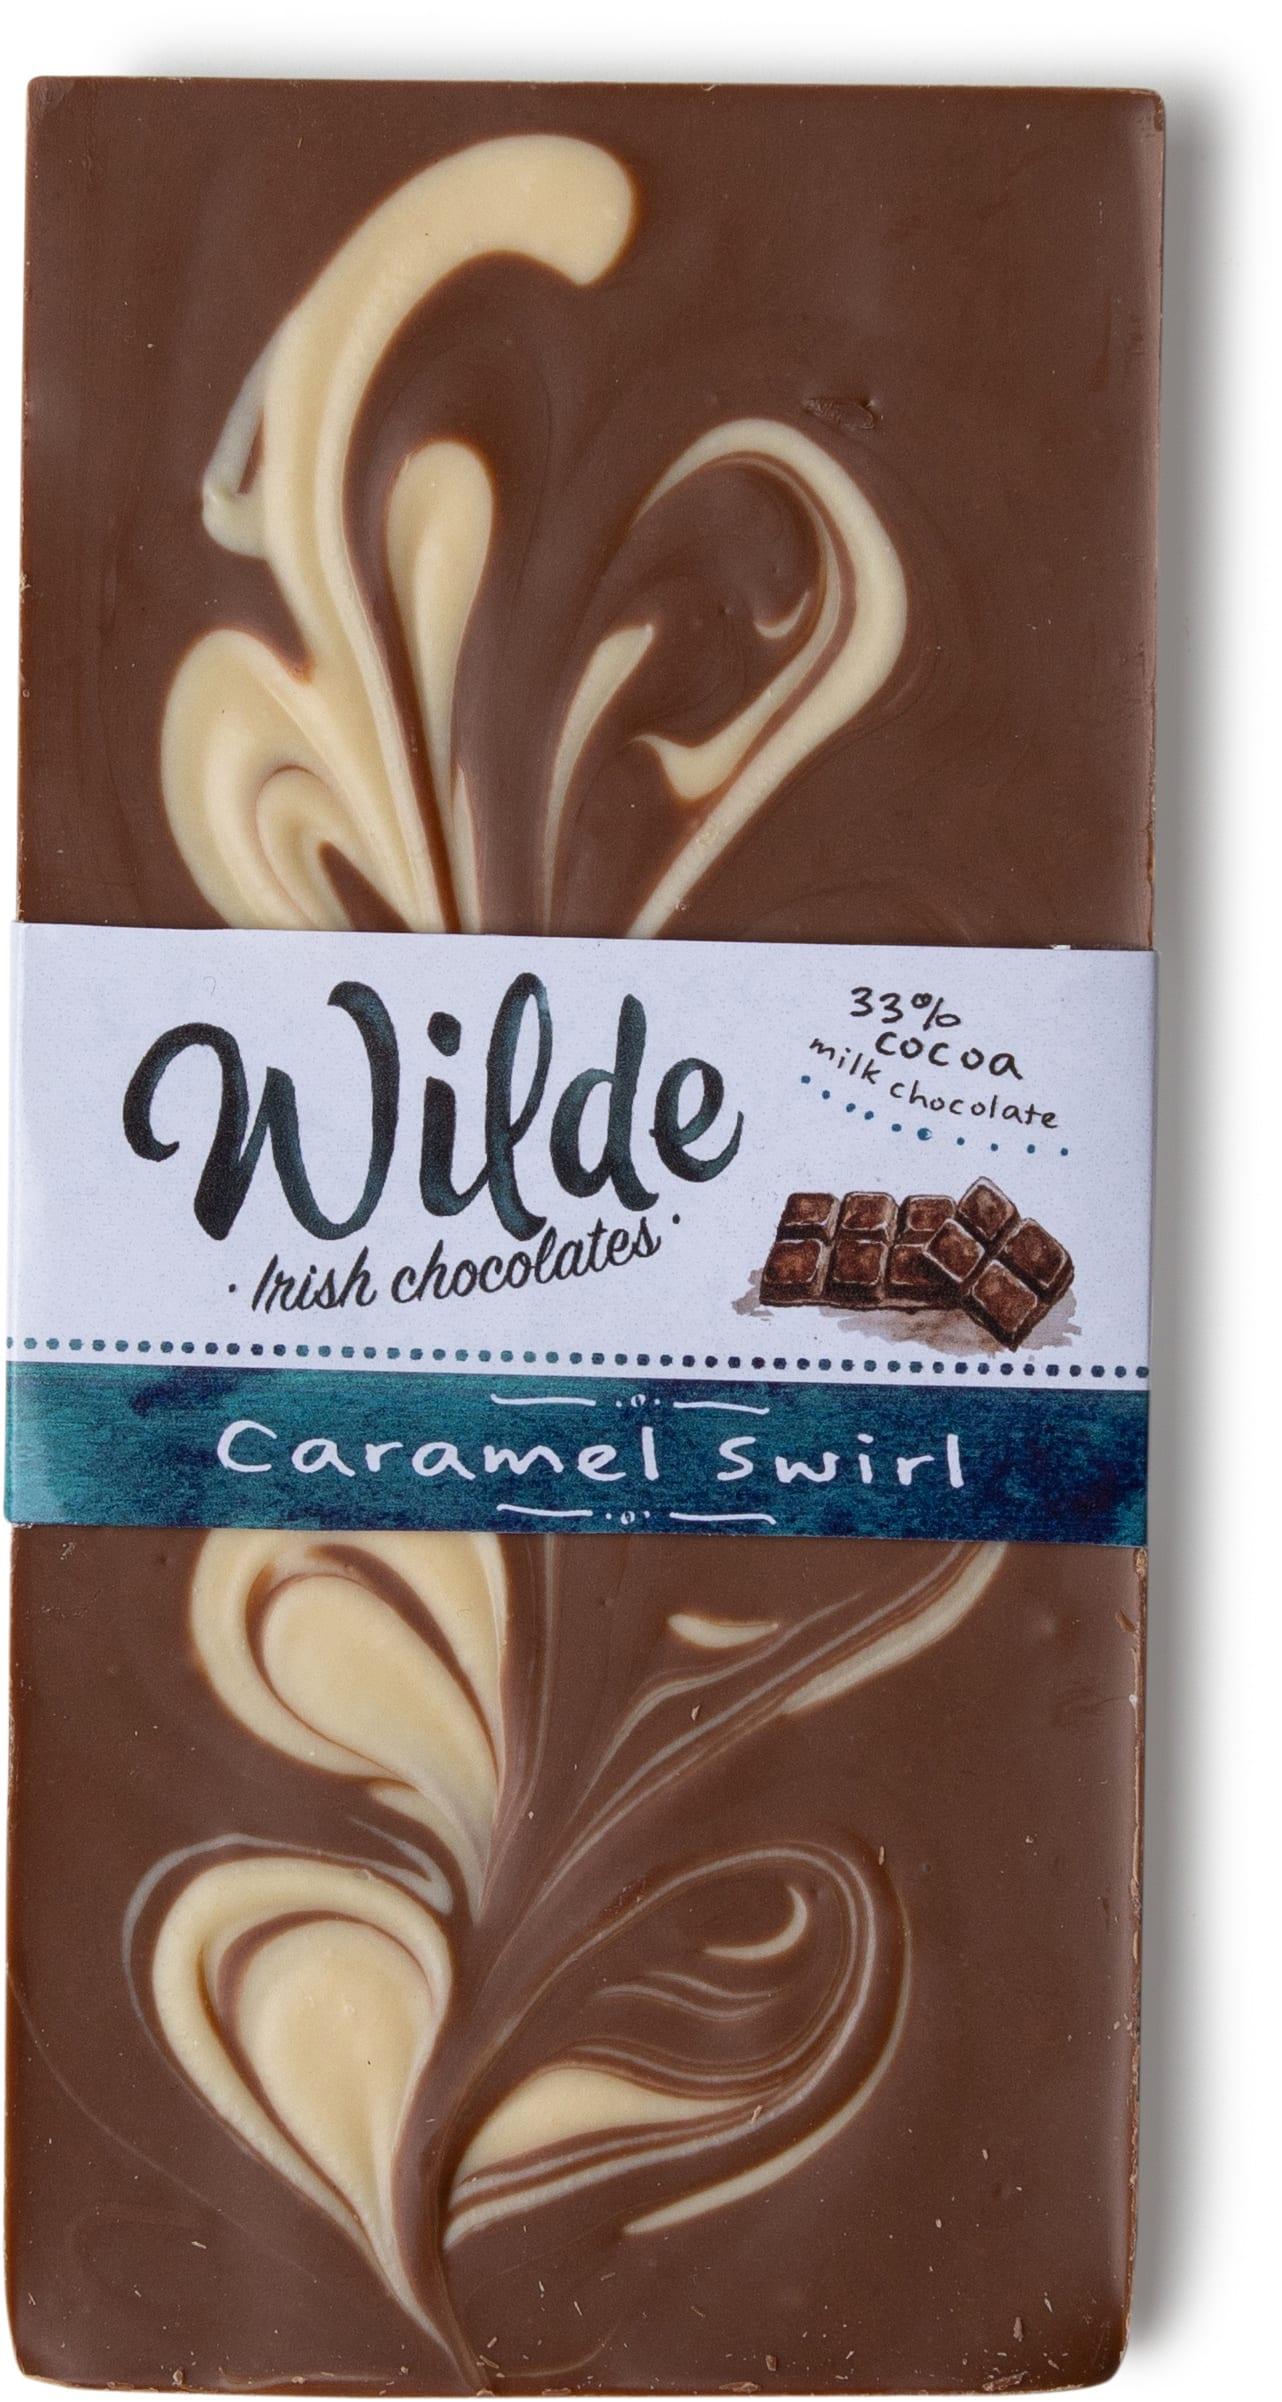 caramel swirl chocolate bar - Wilde Irish Chocolates